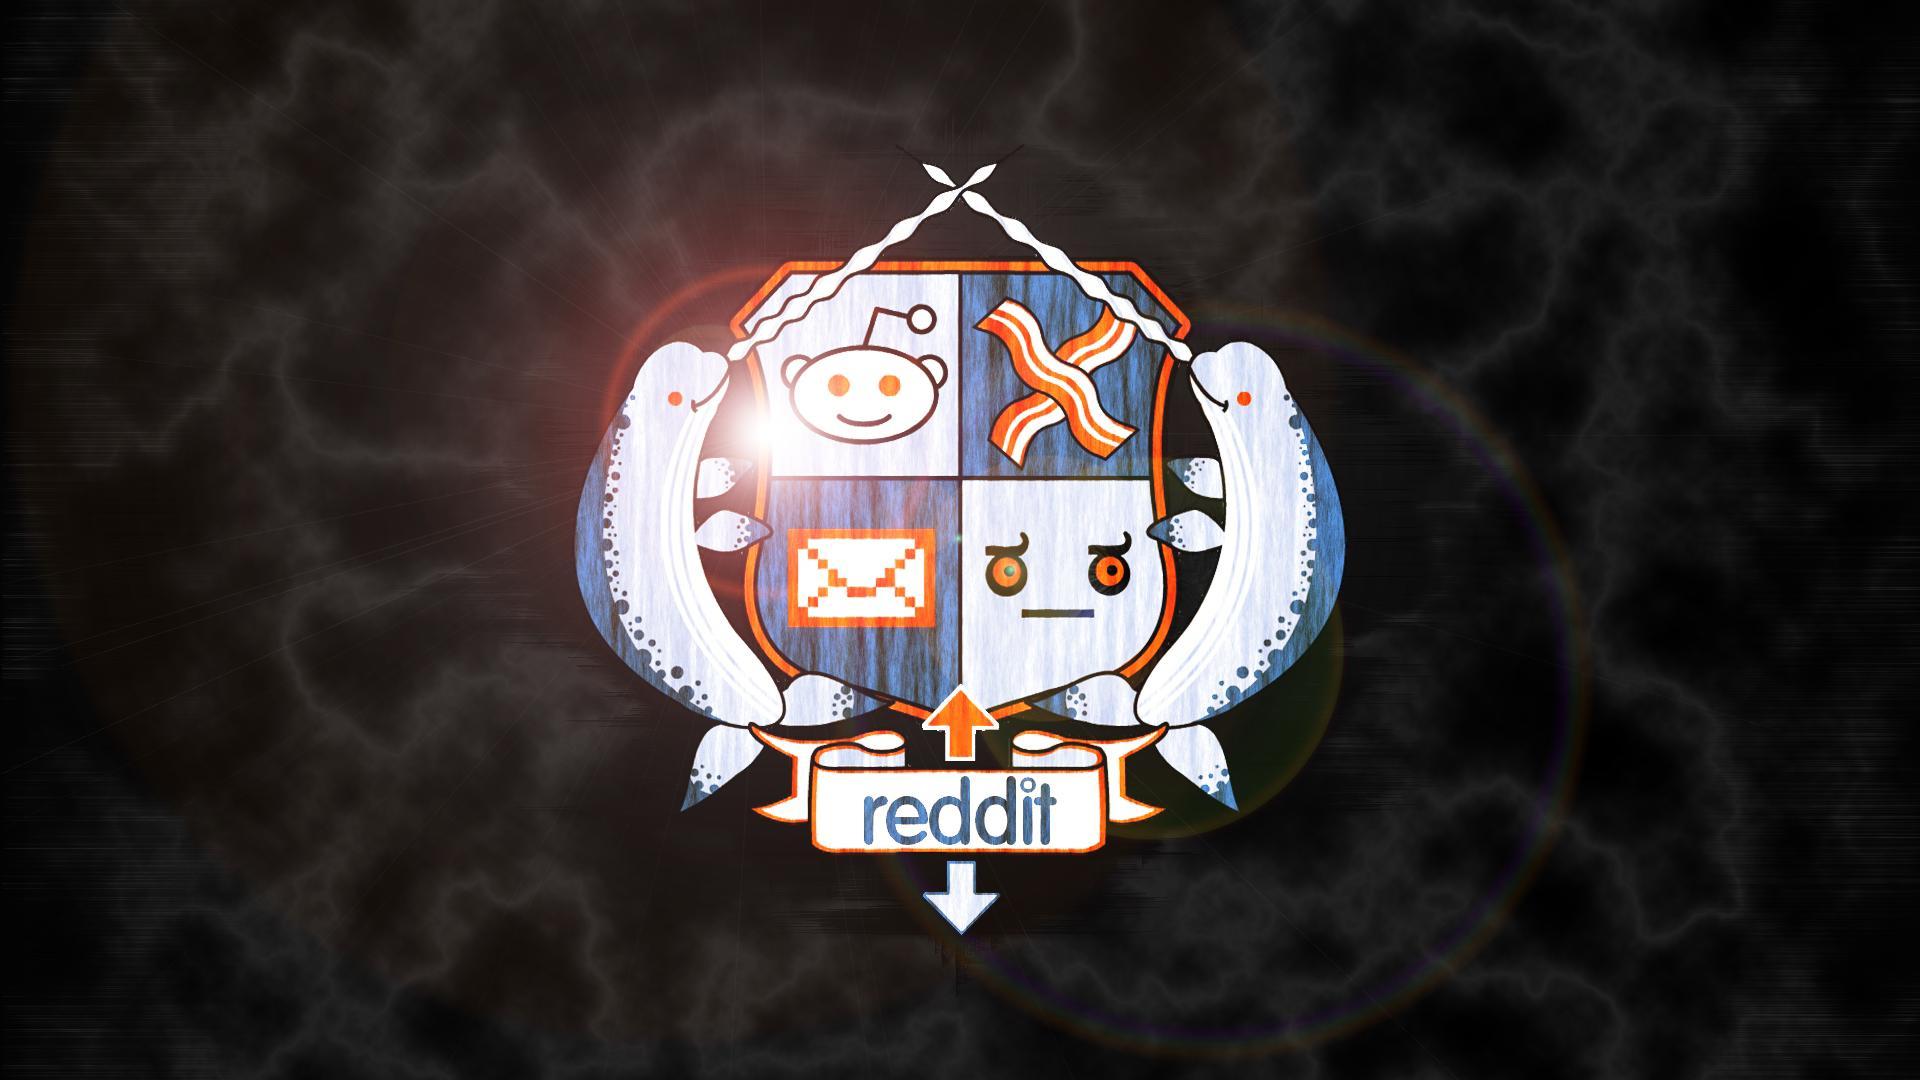 Free Download Reddit Coat Of Arms Wallpaper 1920x1080